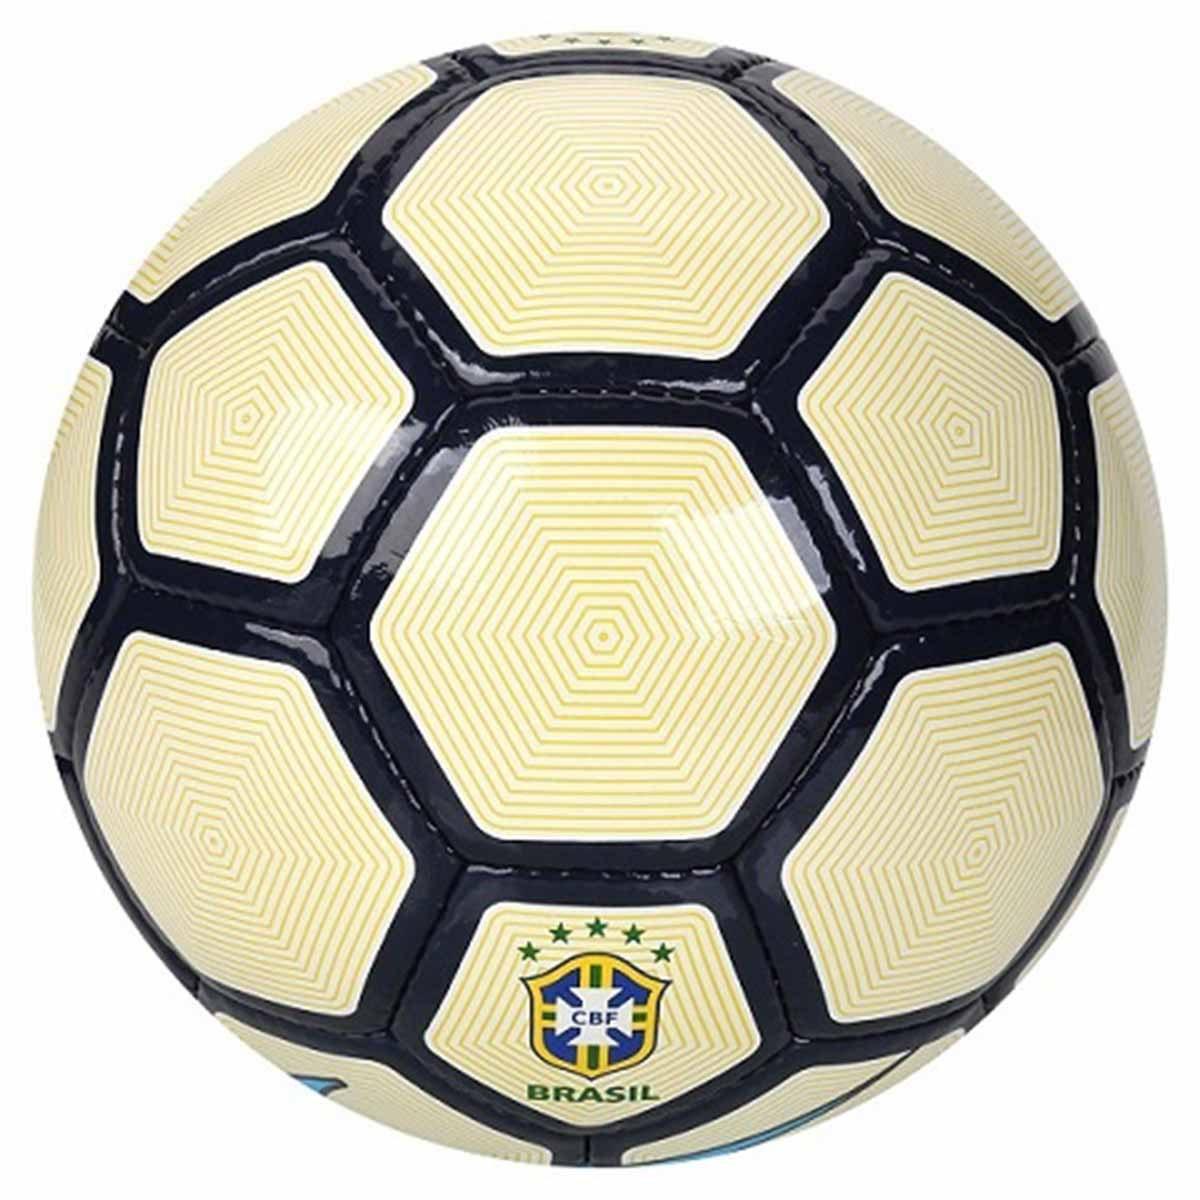 600a790c24aac Bola Nike Cbf Futebol Society Original C/nf De R$ 199,90 Por - R ...